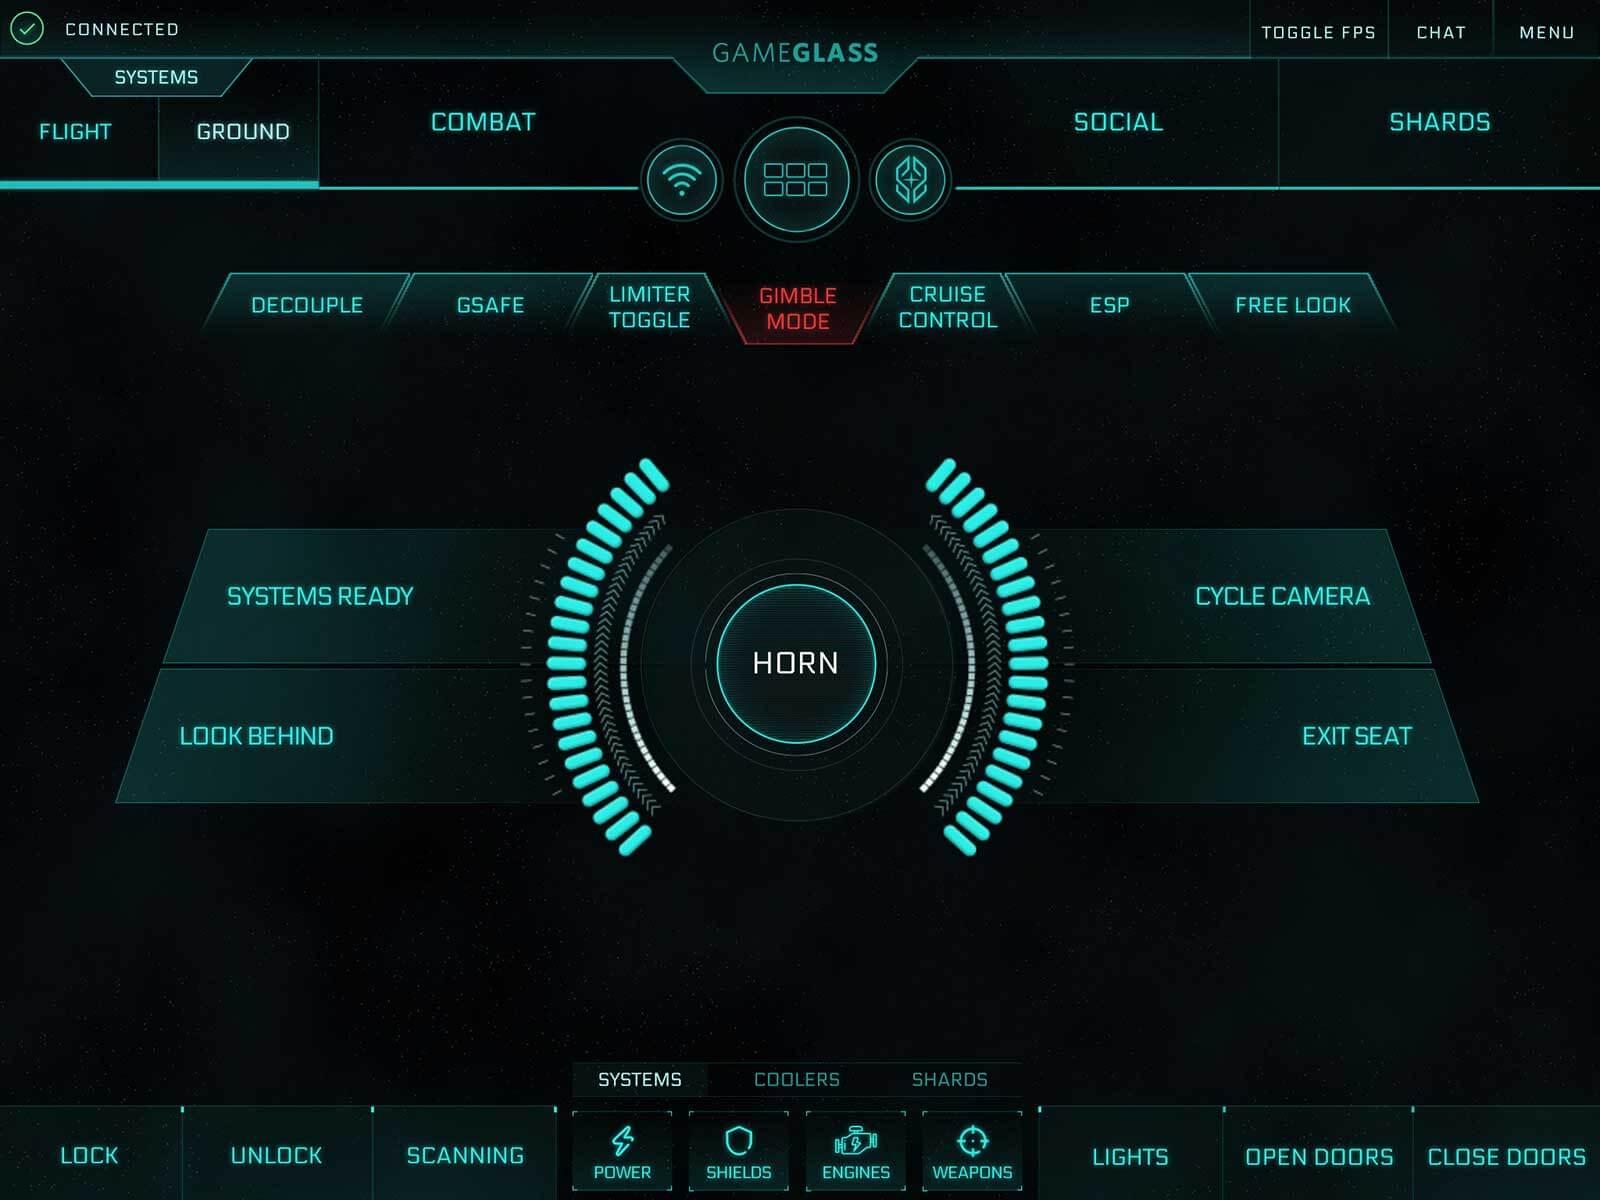 GameGlass Screen Ground